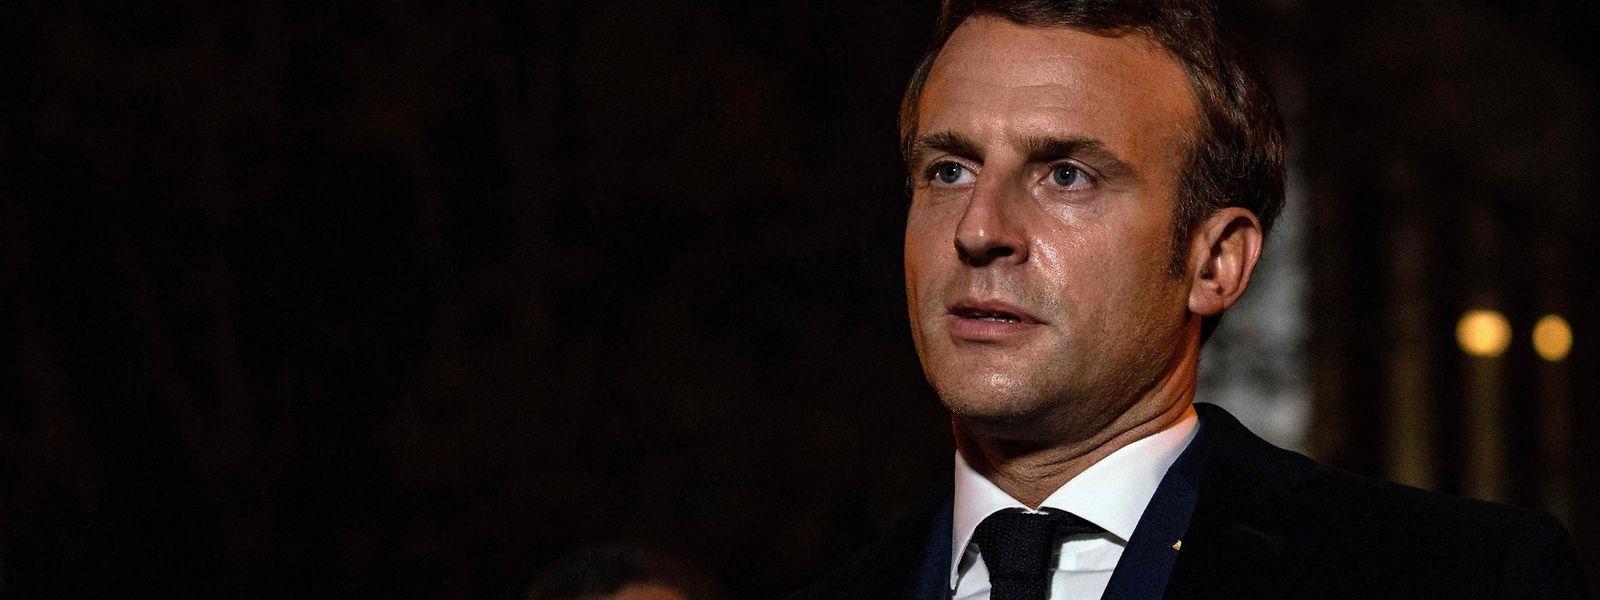 Der französische Präsident Macron stellt sich hinter die Satire- und Meinungsfreiheit.